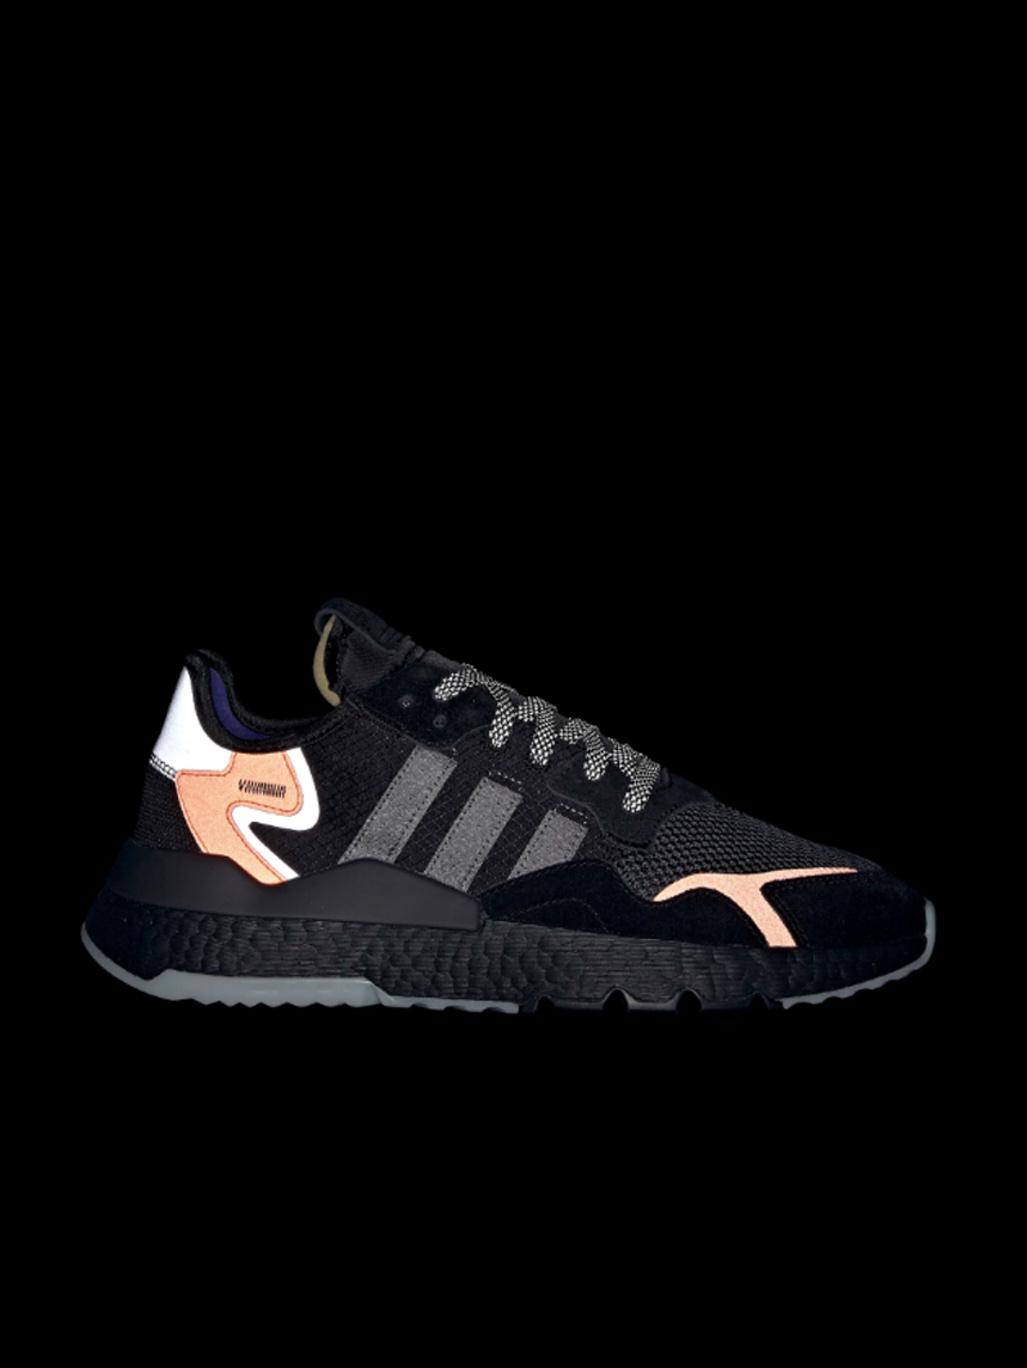 new concept fb38c c5853 Adidas Originals Nite Jogger Black   Blue